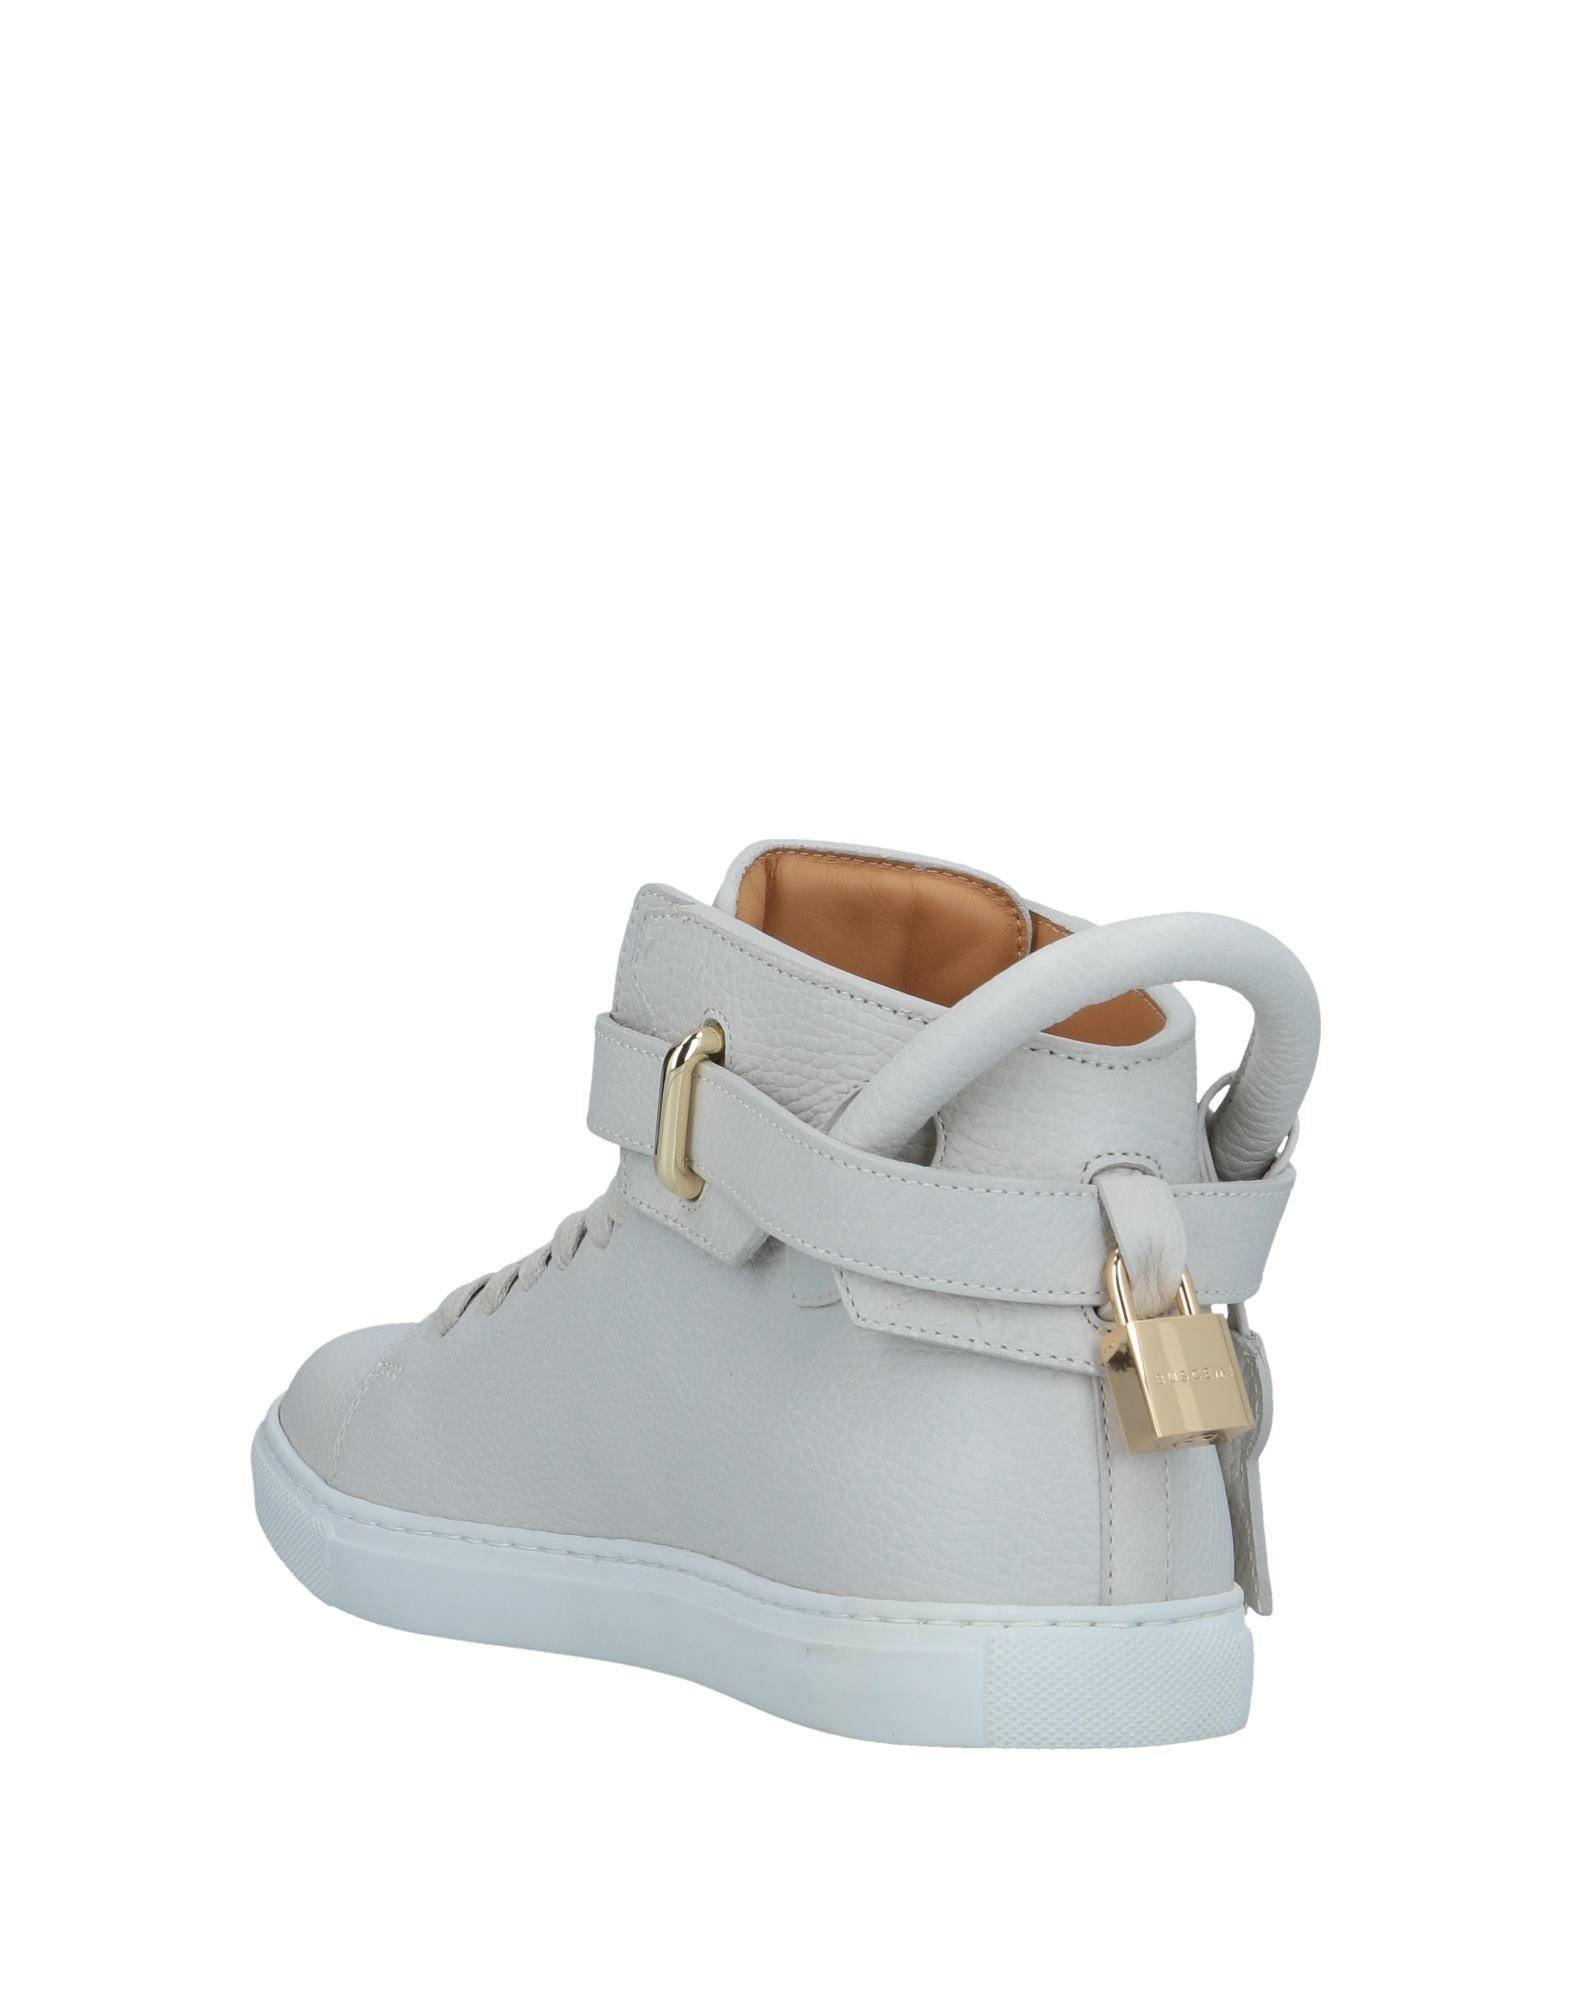 Buscemi gut Sneakers Damen  11508154AVGünstige gut Buscemi aussehende Schuhe 74acd2